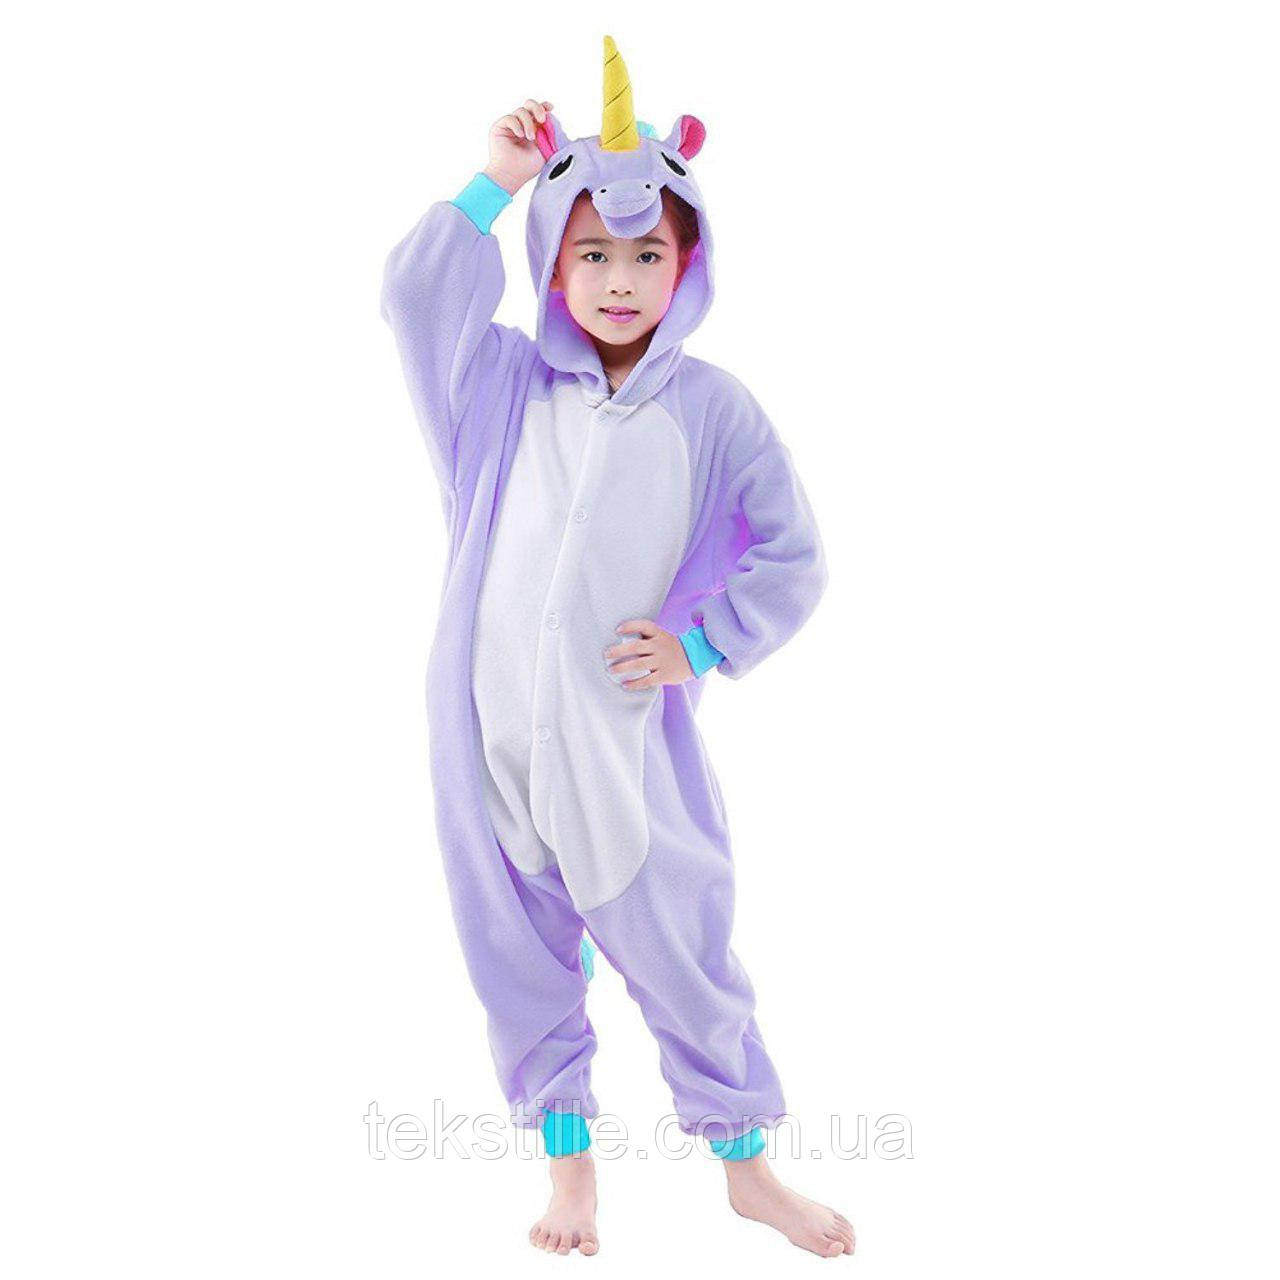 Детская Пижама Кигуруми Единорог фиолетовый 10882 045caf538e375